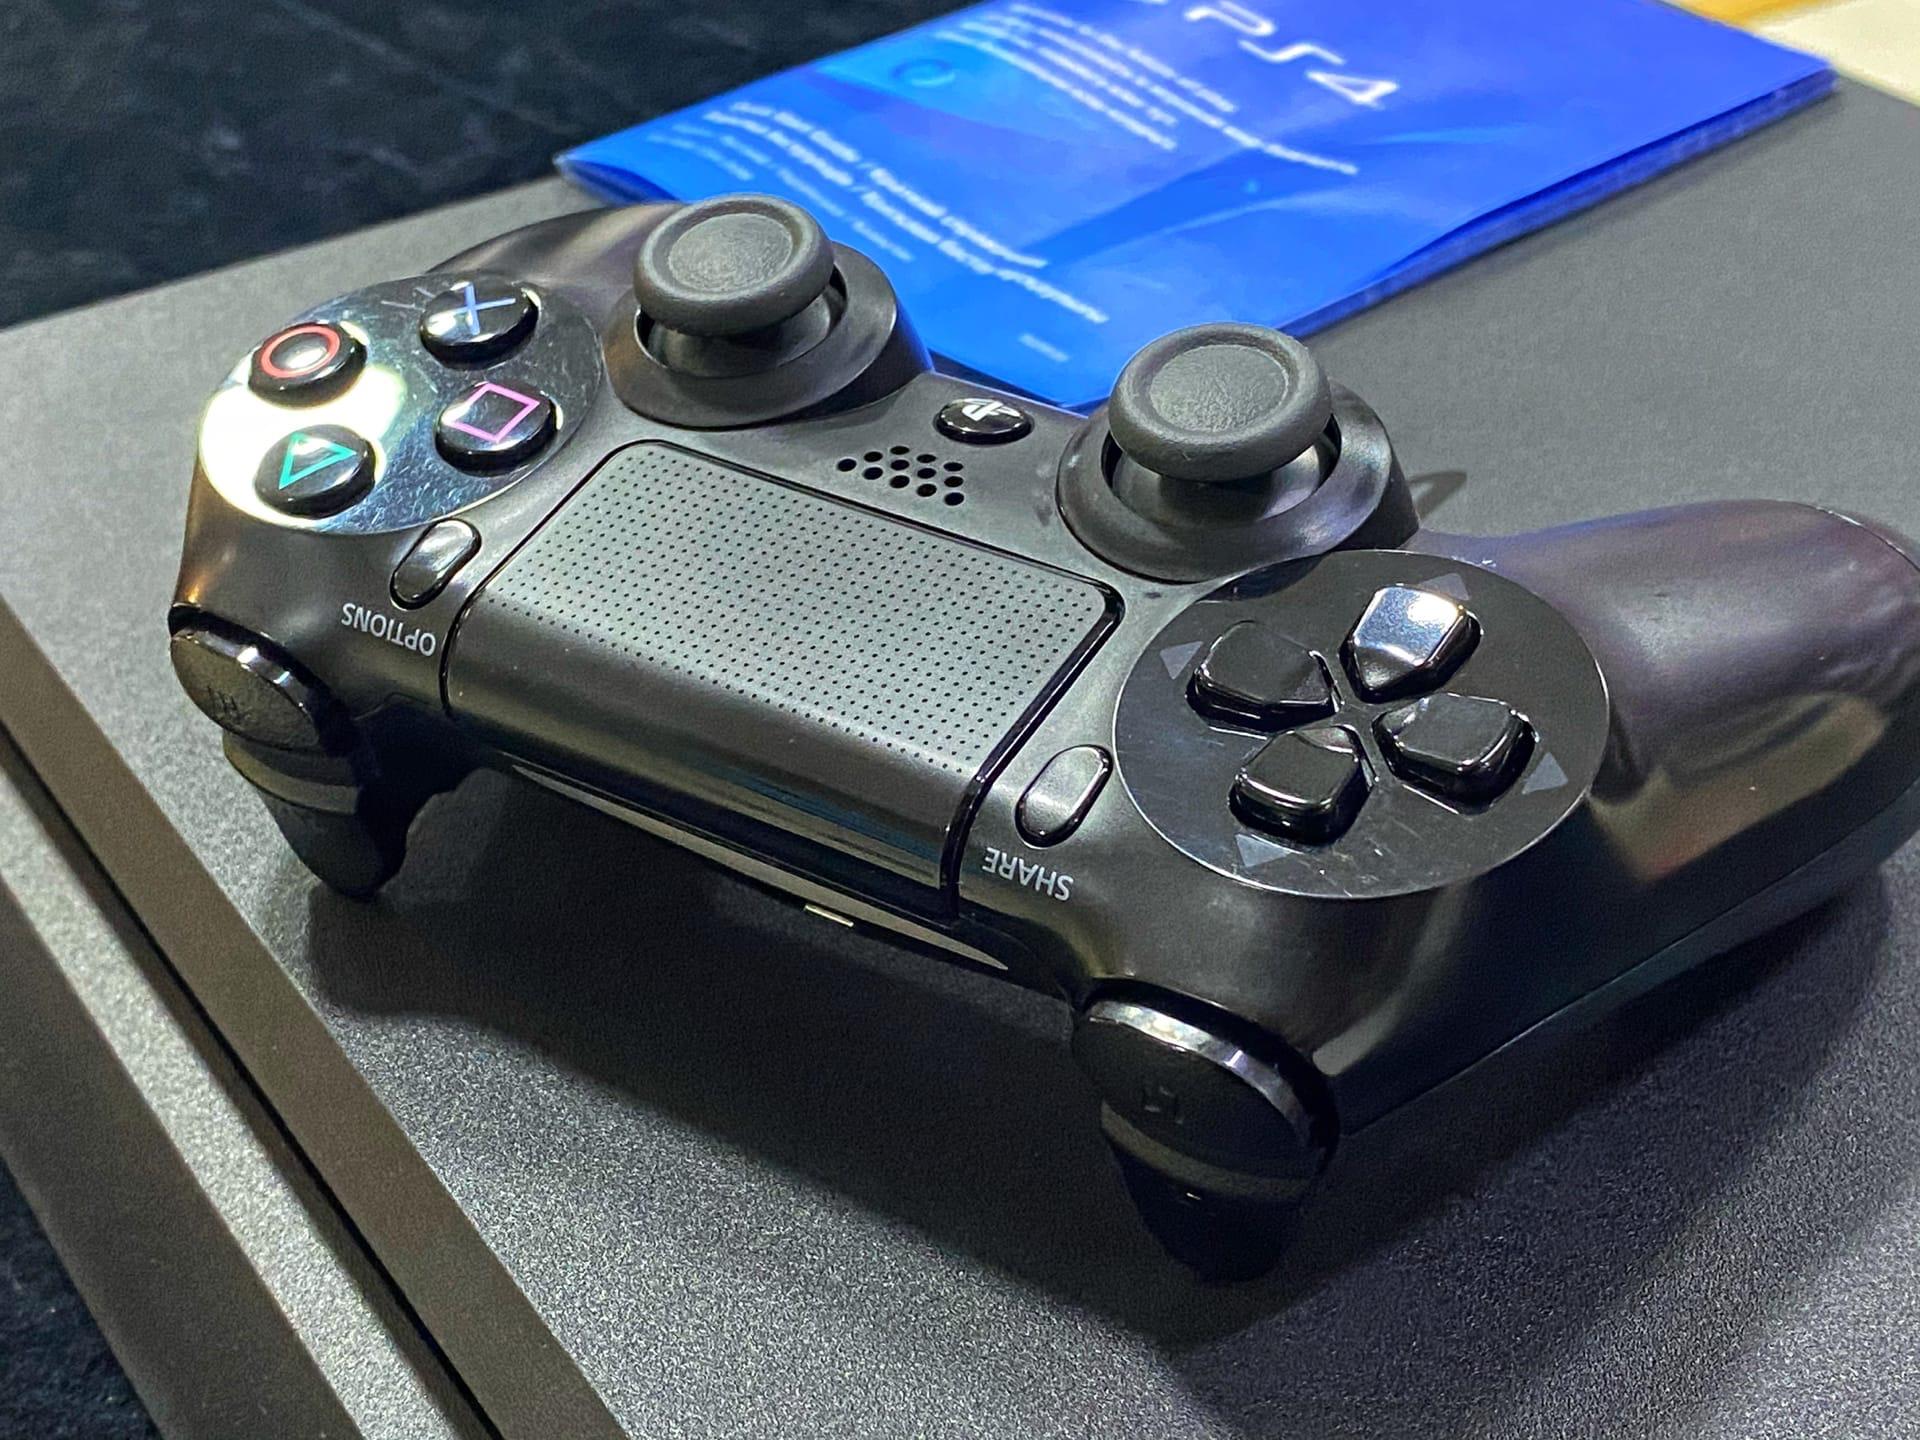 Первые живые фотографии Sony PlayStation 5 демонстрируют